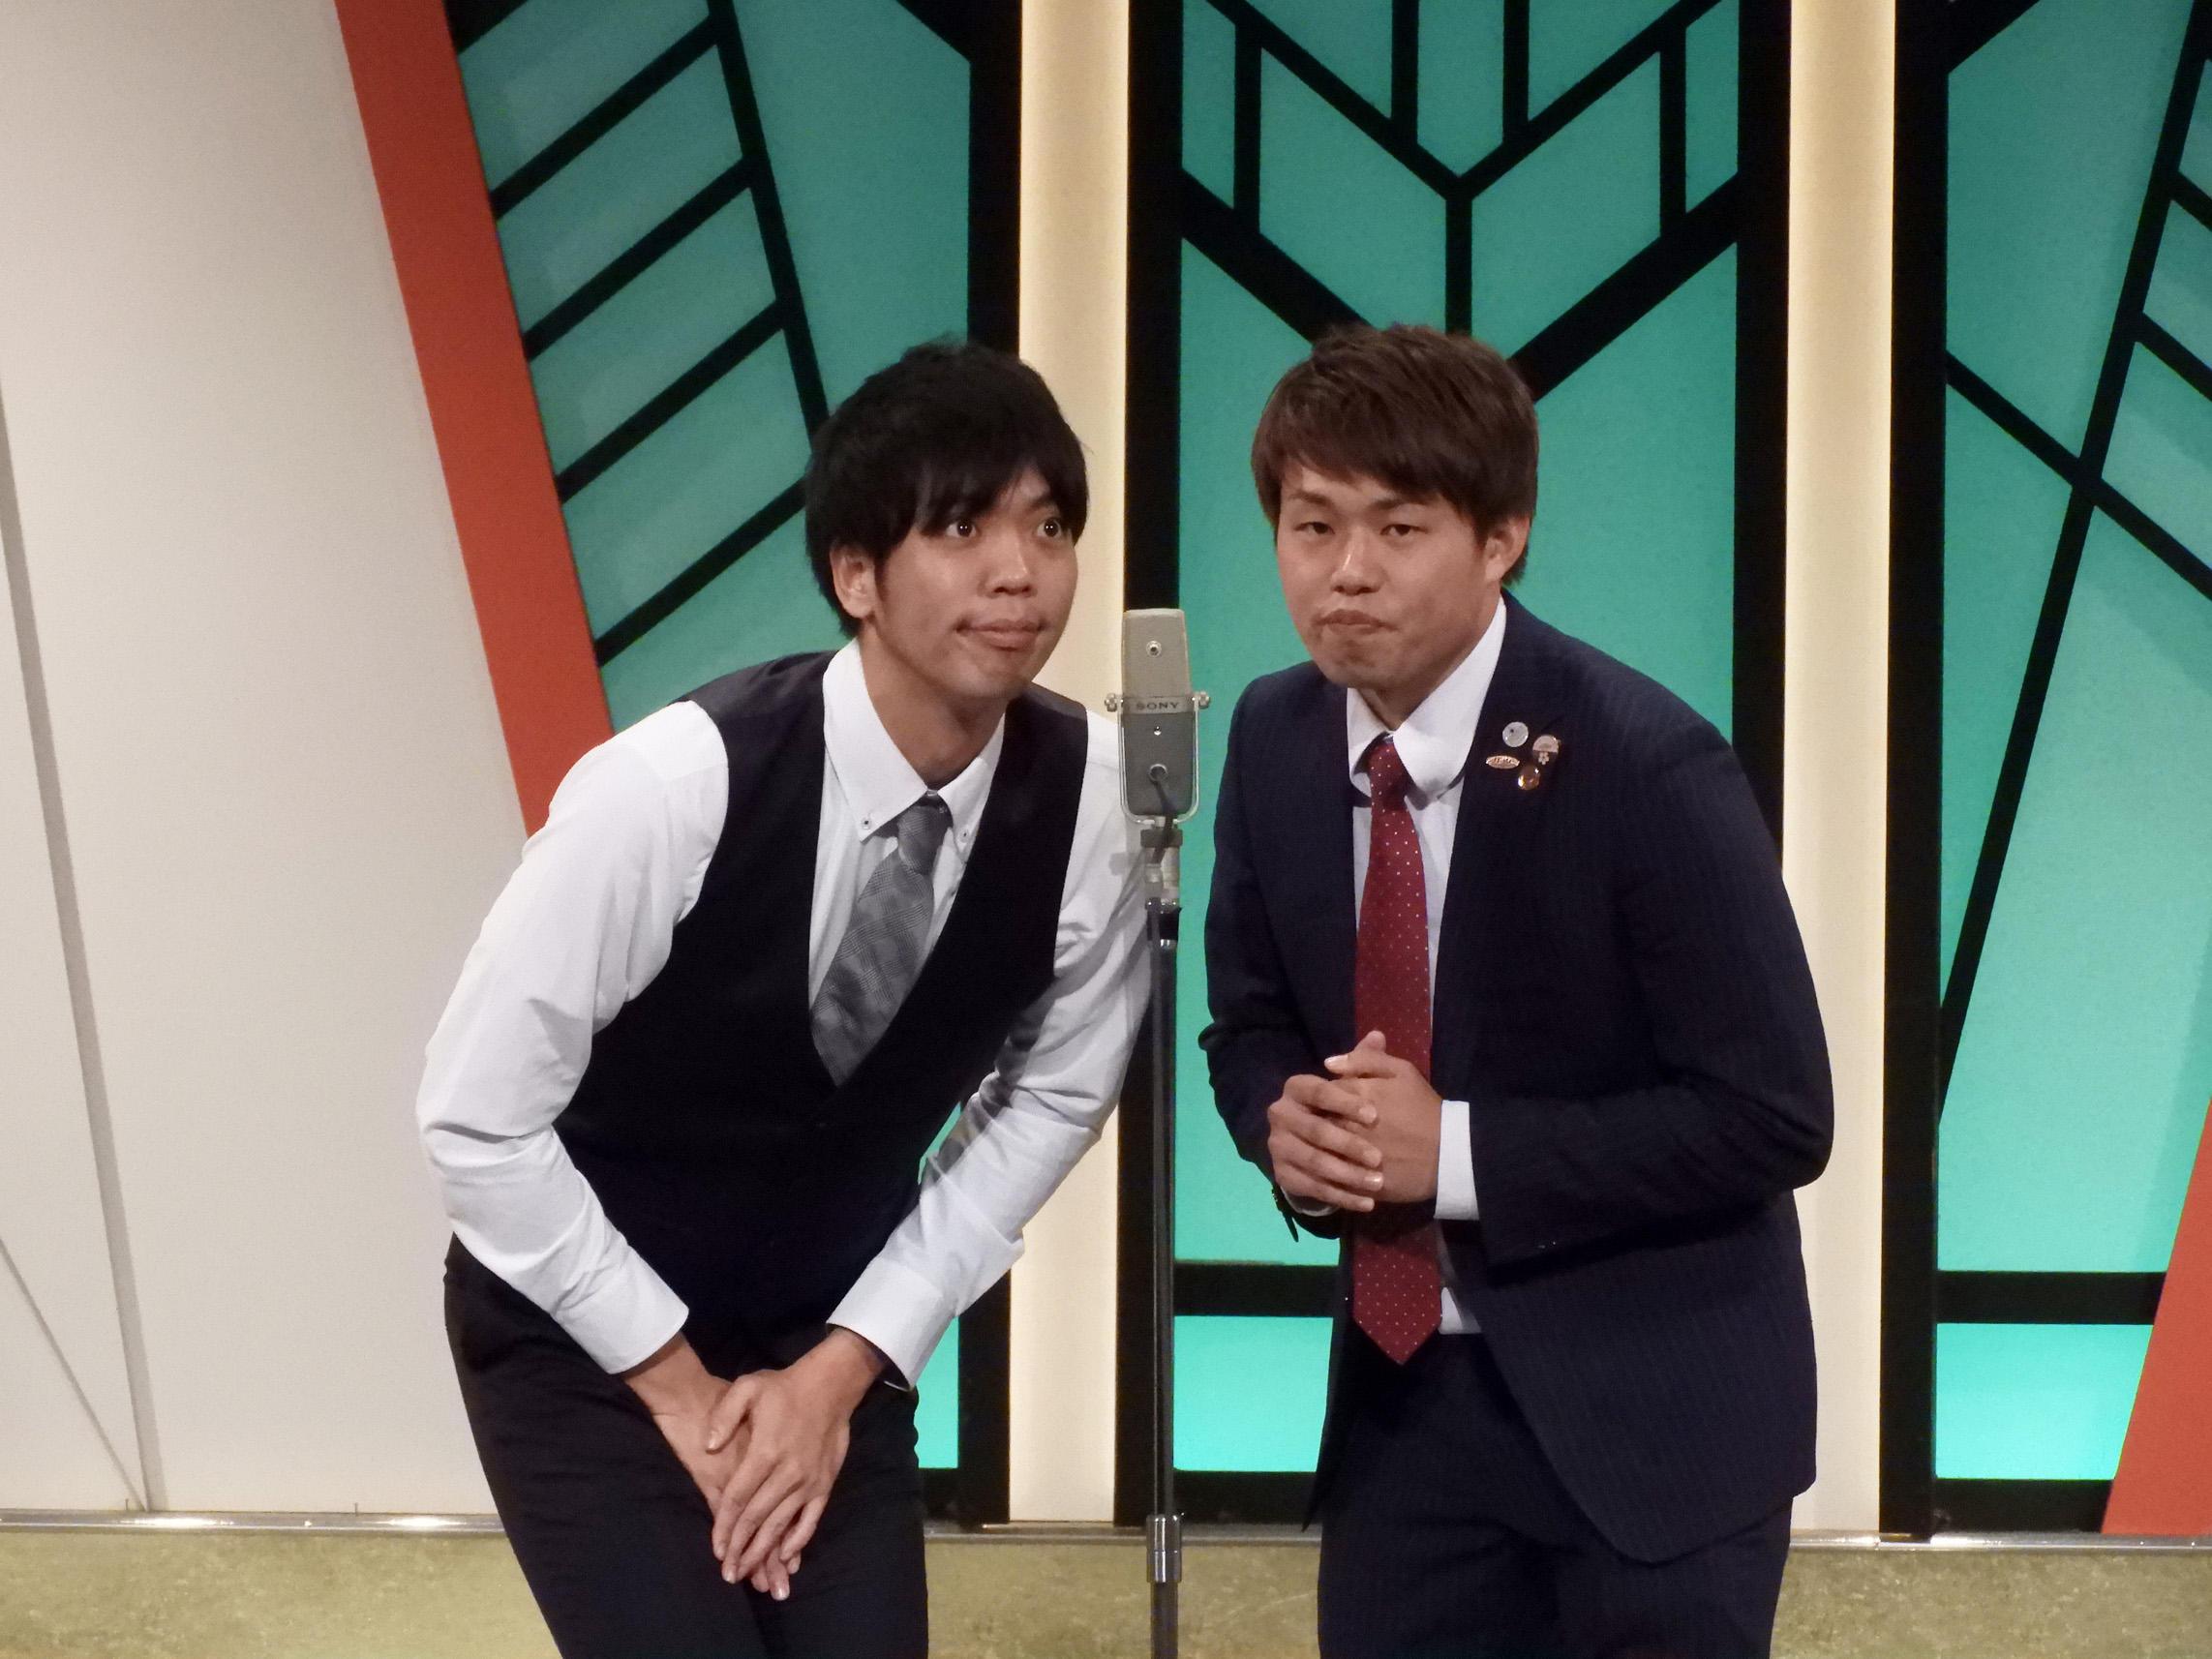 http://news.yoshimoto.co.jp/20181109120029-bb129c8410c792bf9f8694f52656dec373030d8c.jpg